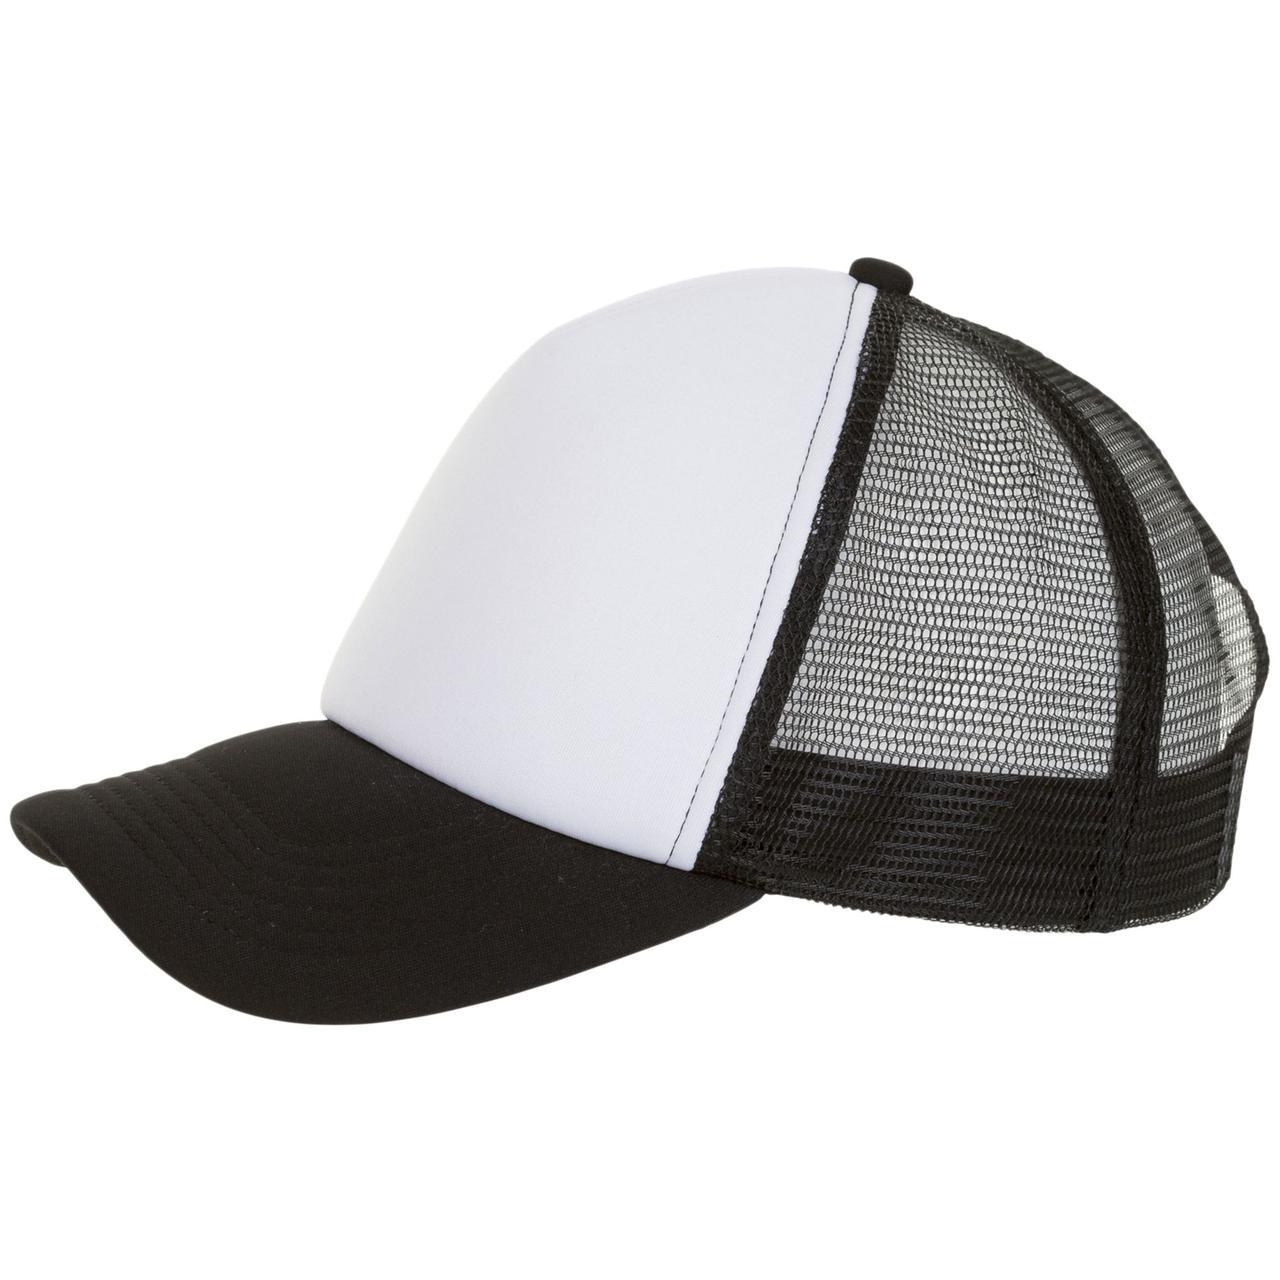 Бейсболка Bubble, черная с белым (артикул 01668906TUN)